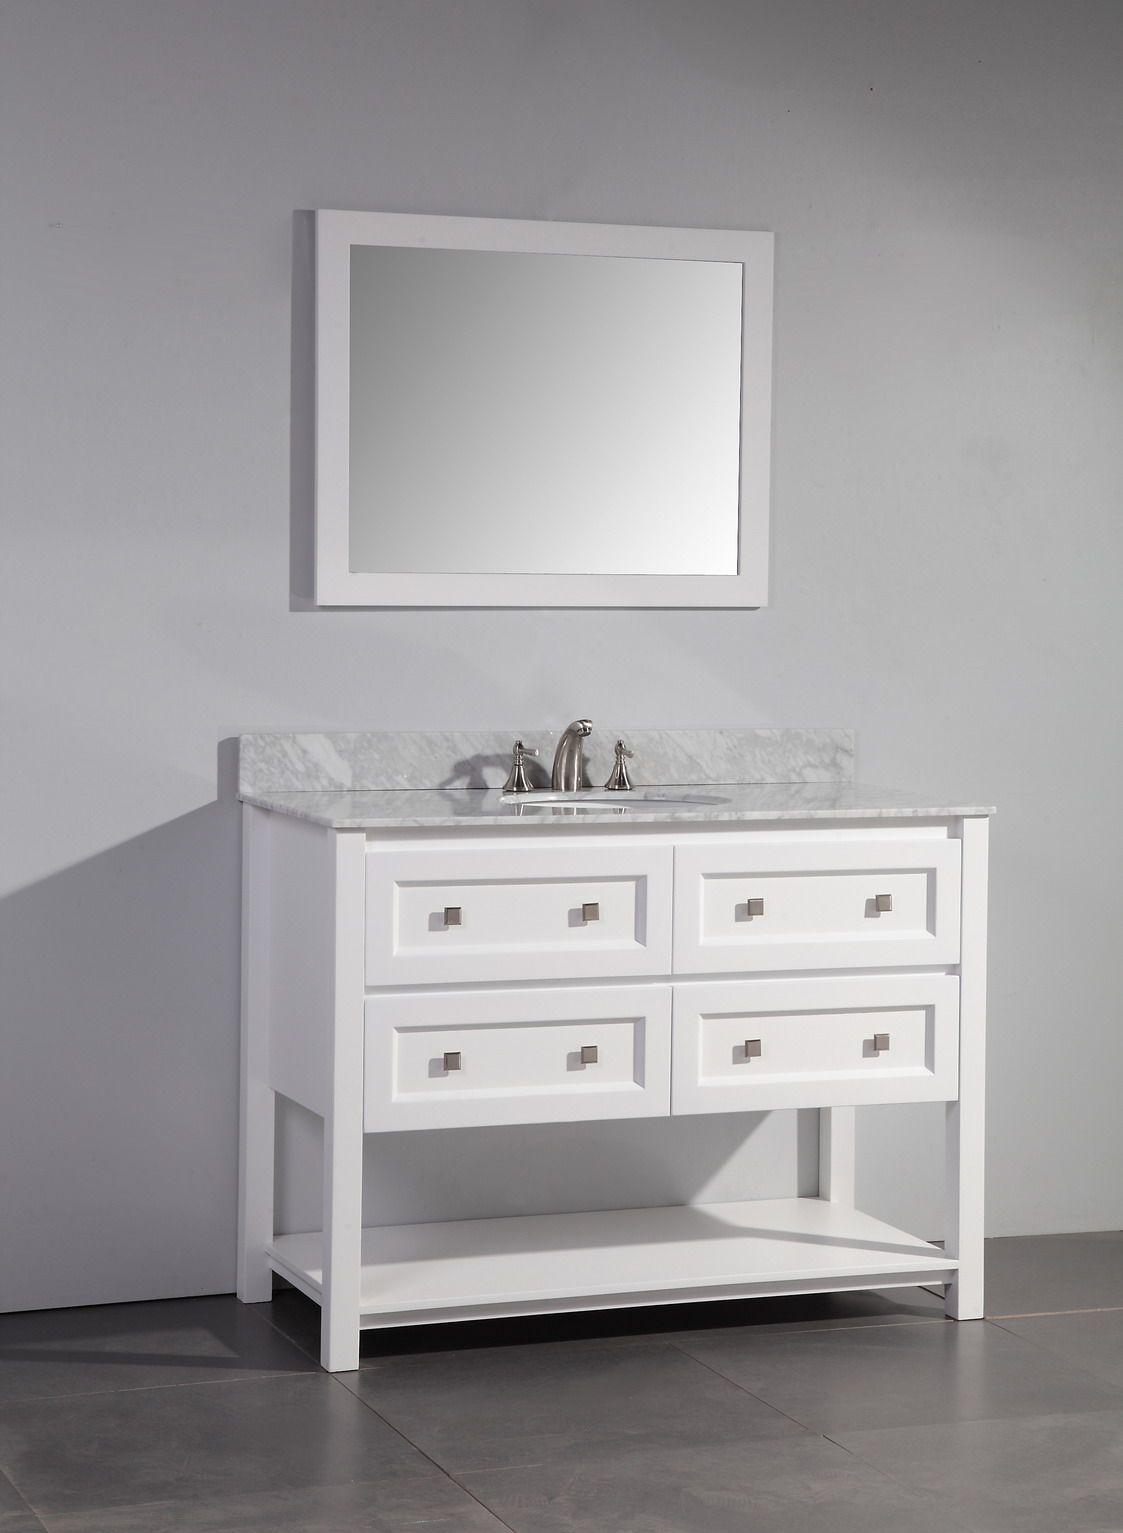 Bathroom Vanity 48 Inch Single Sink